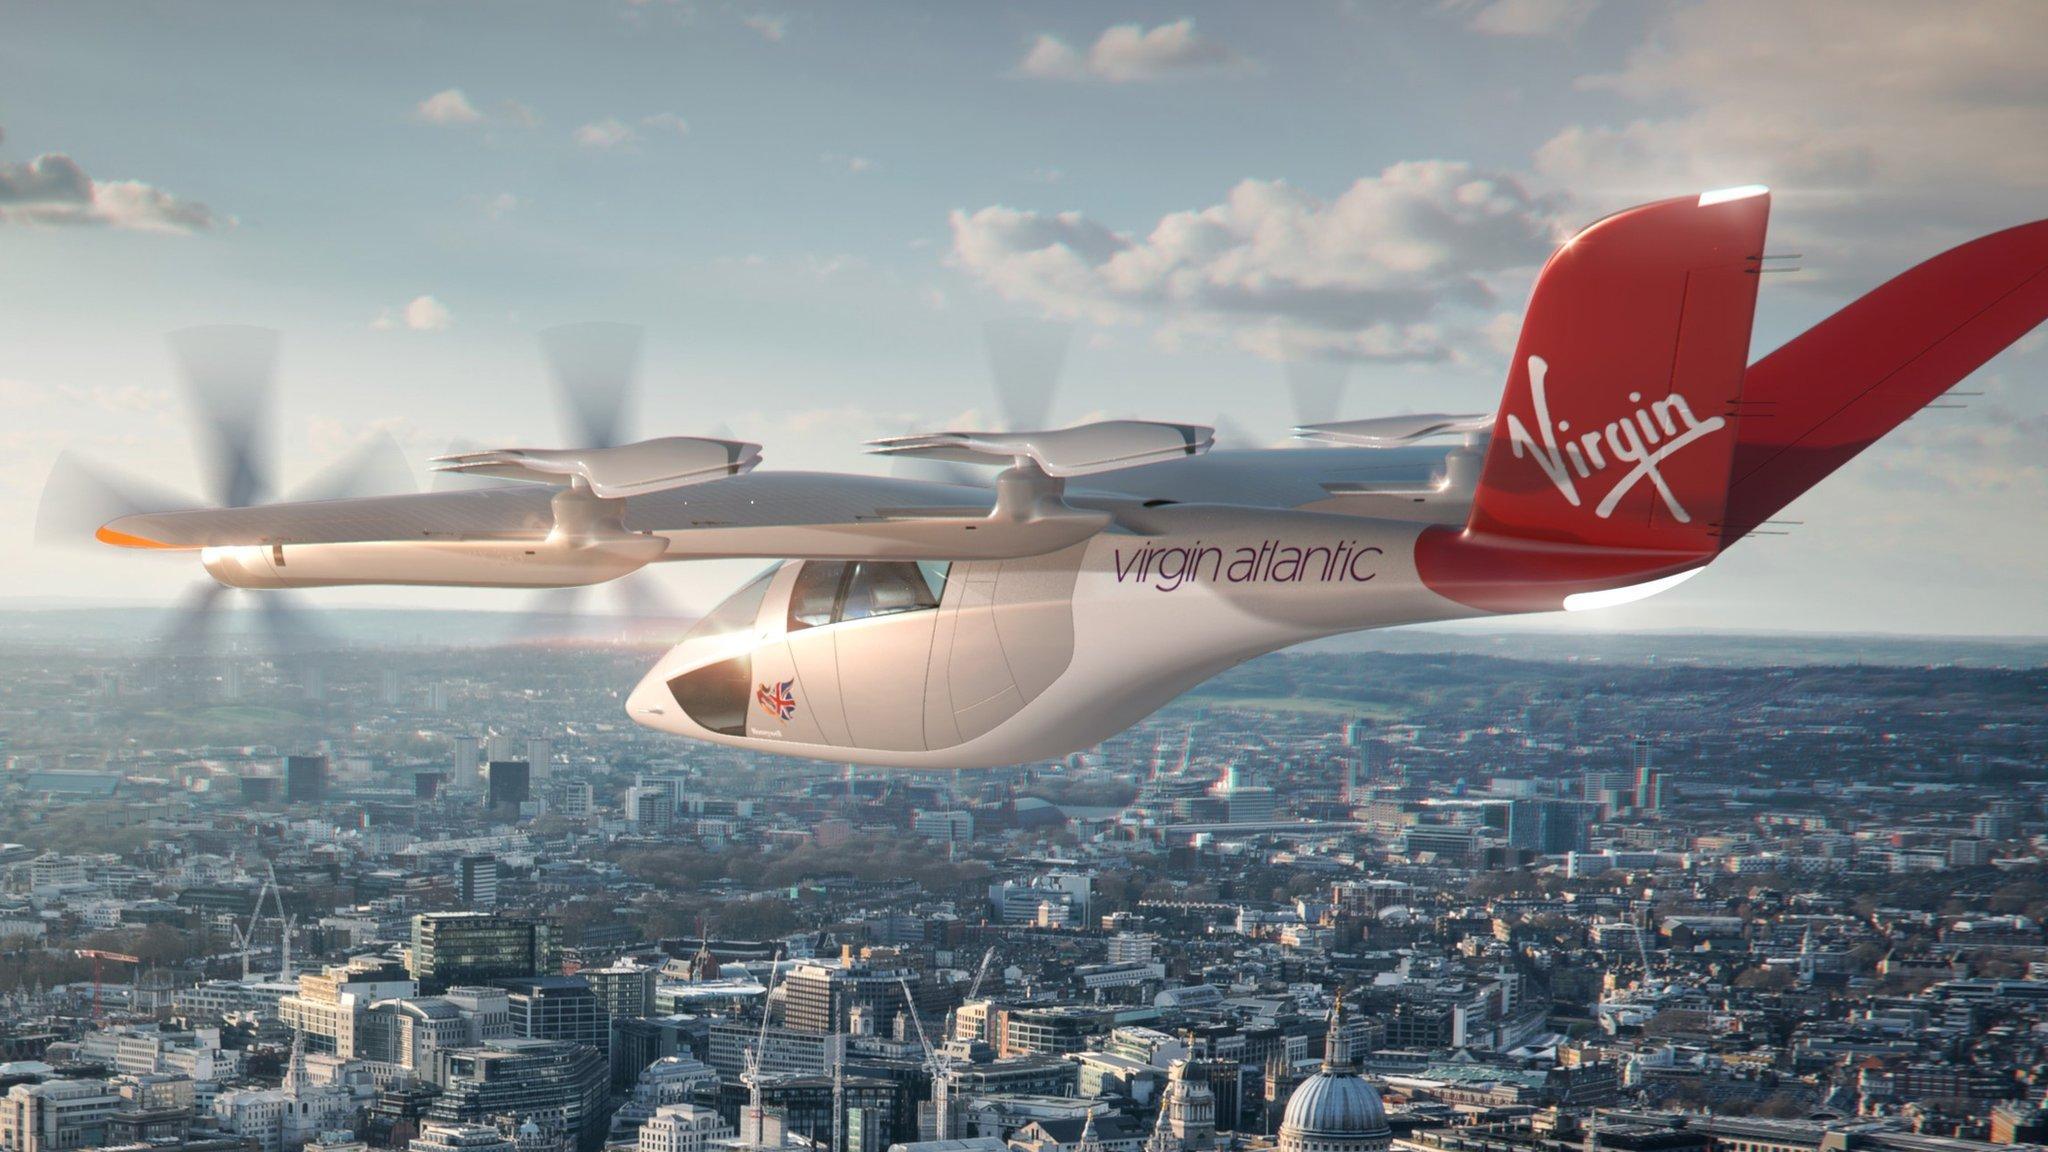 Η Virgin Atlantic της Azul Airlines της Βραζιλίας σχεδιάζει να πραγματοοιήσει αγορά eVTOL